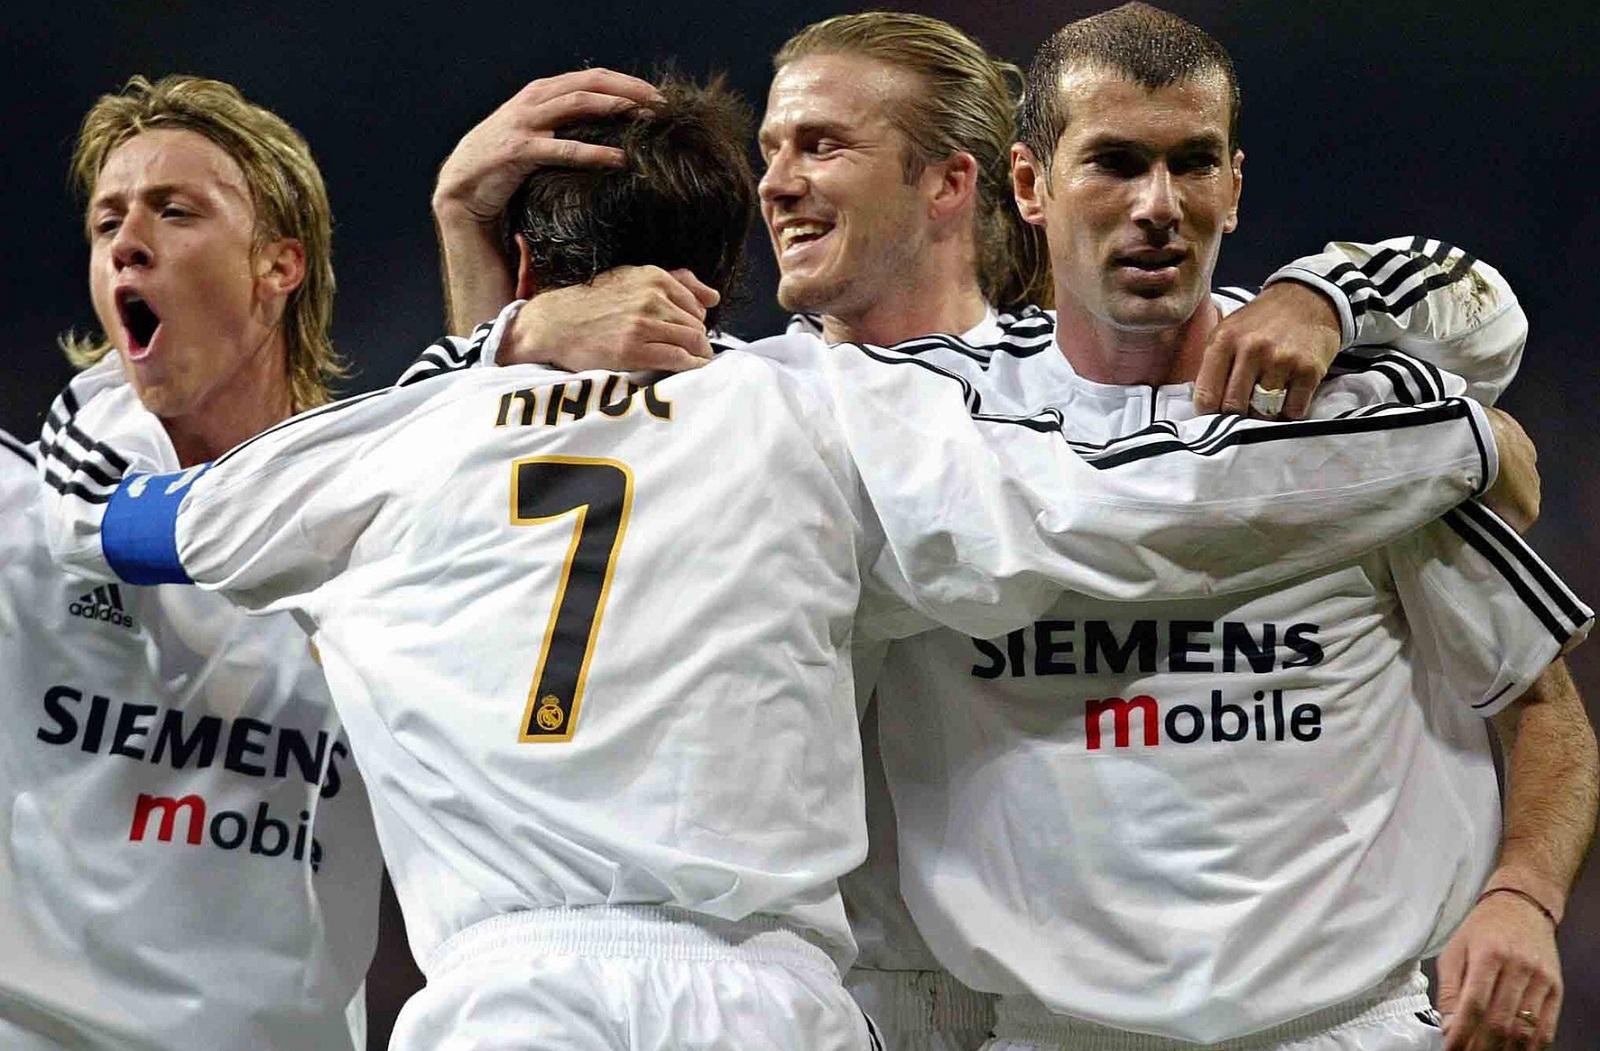 Real Madrid sæsonen 2003/04